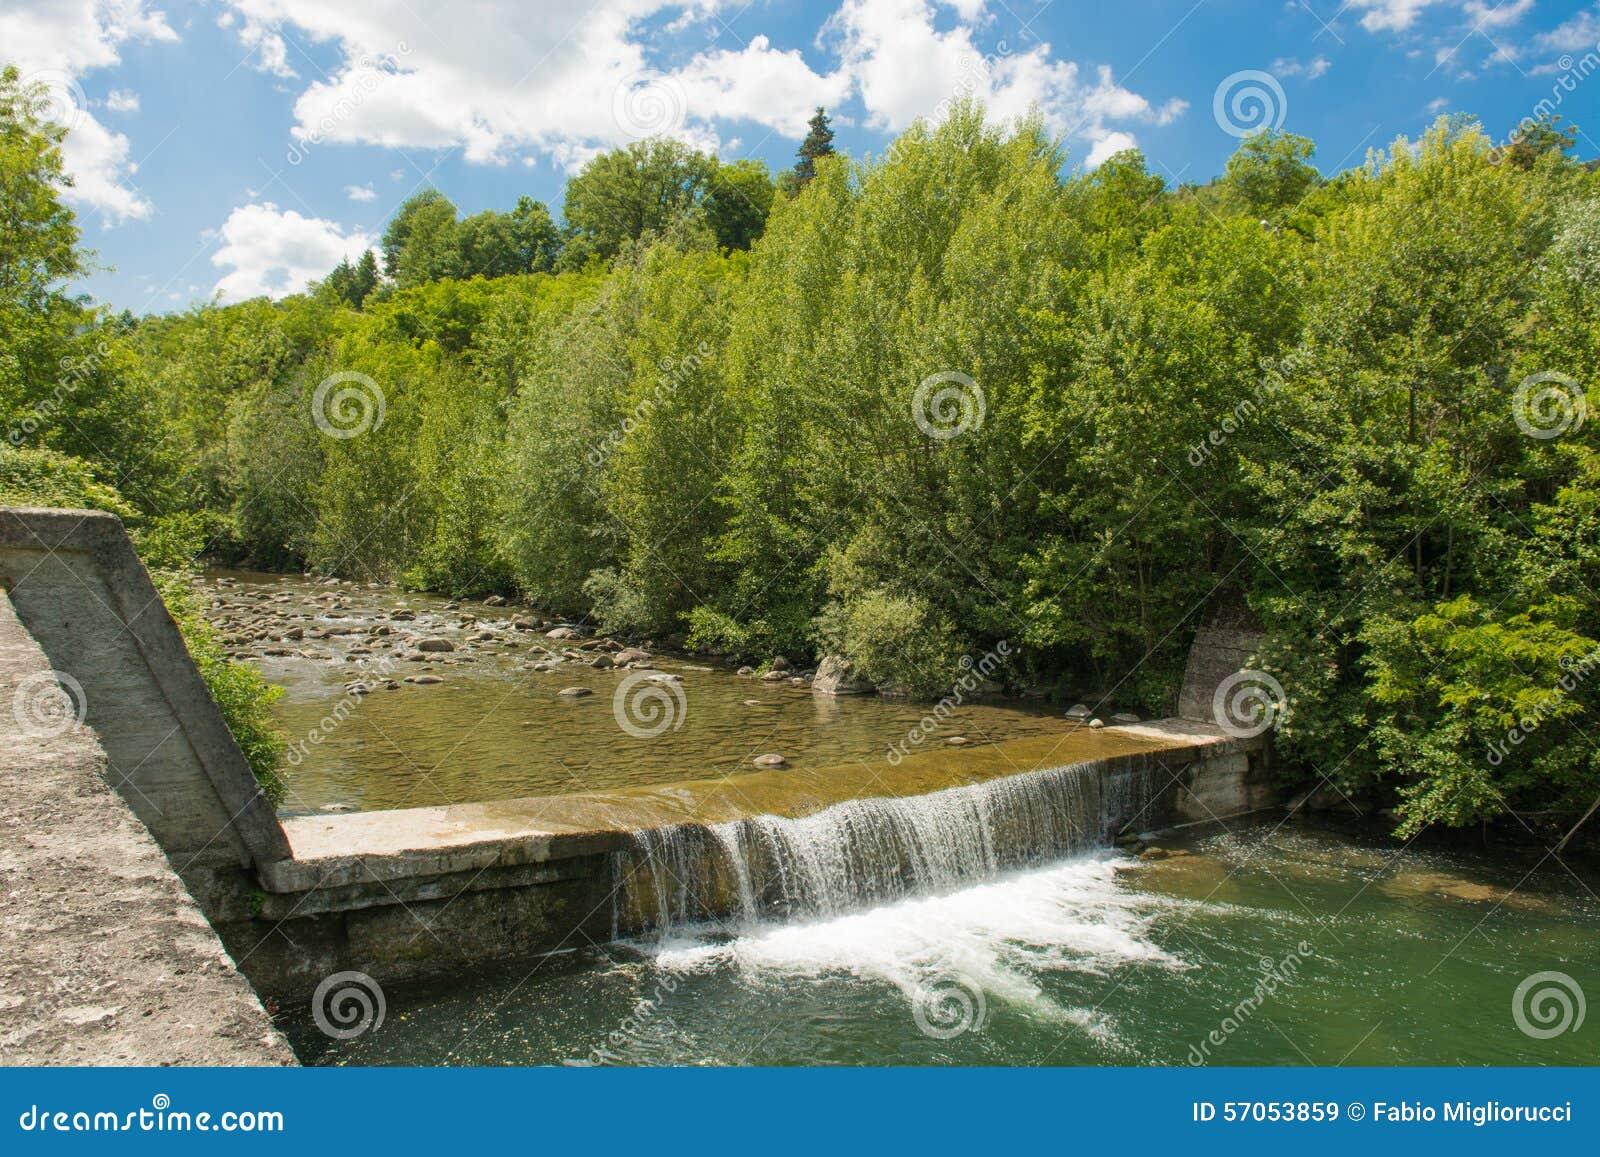 De waterval in de rivier